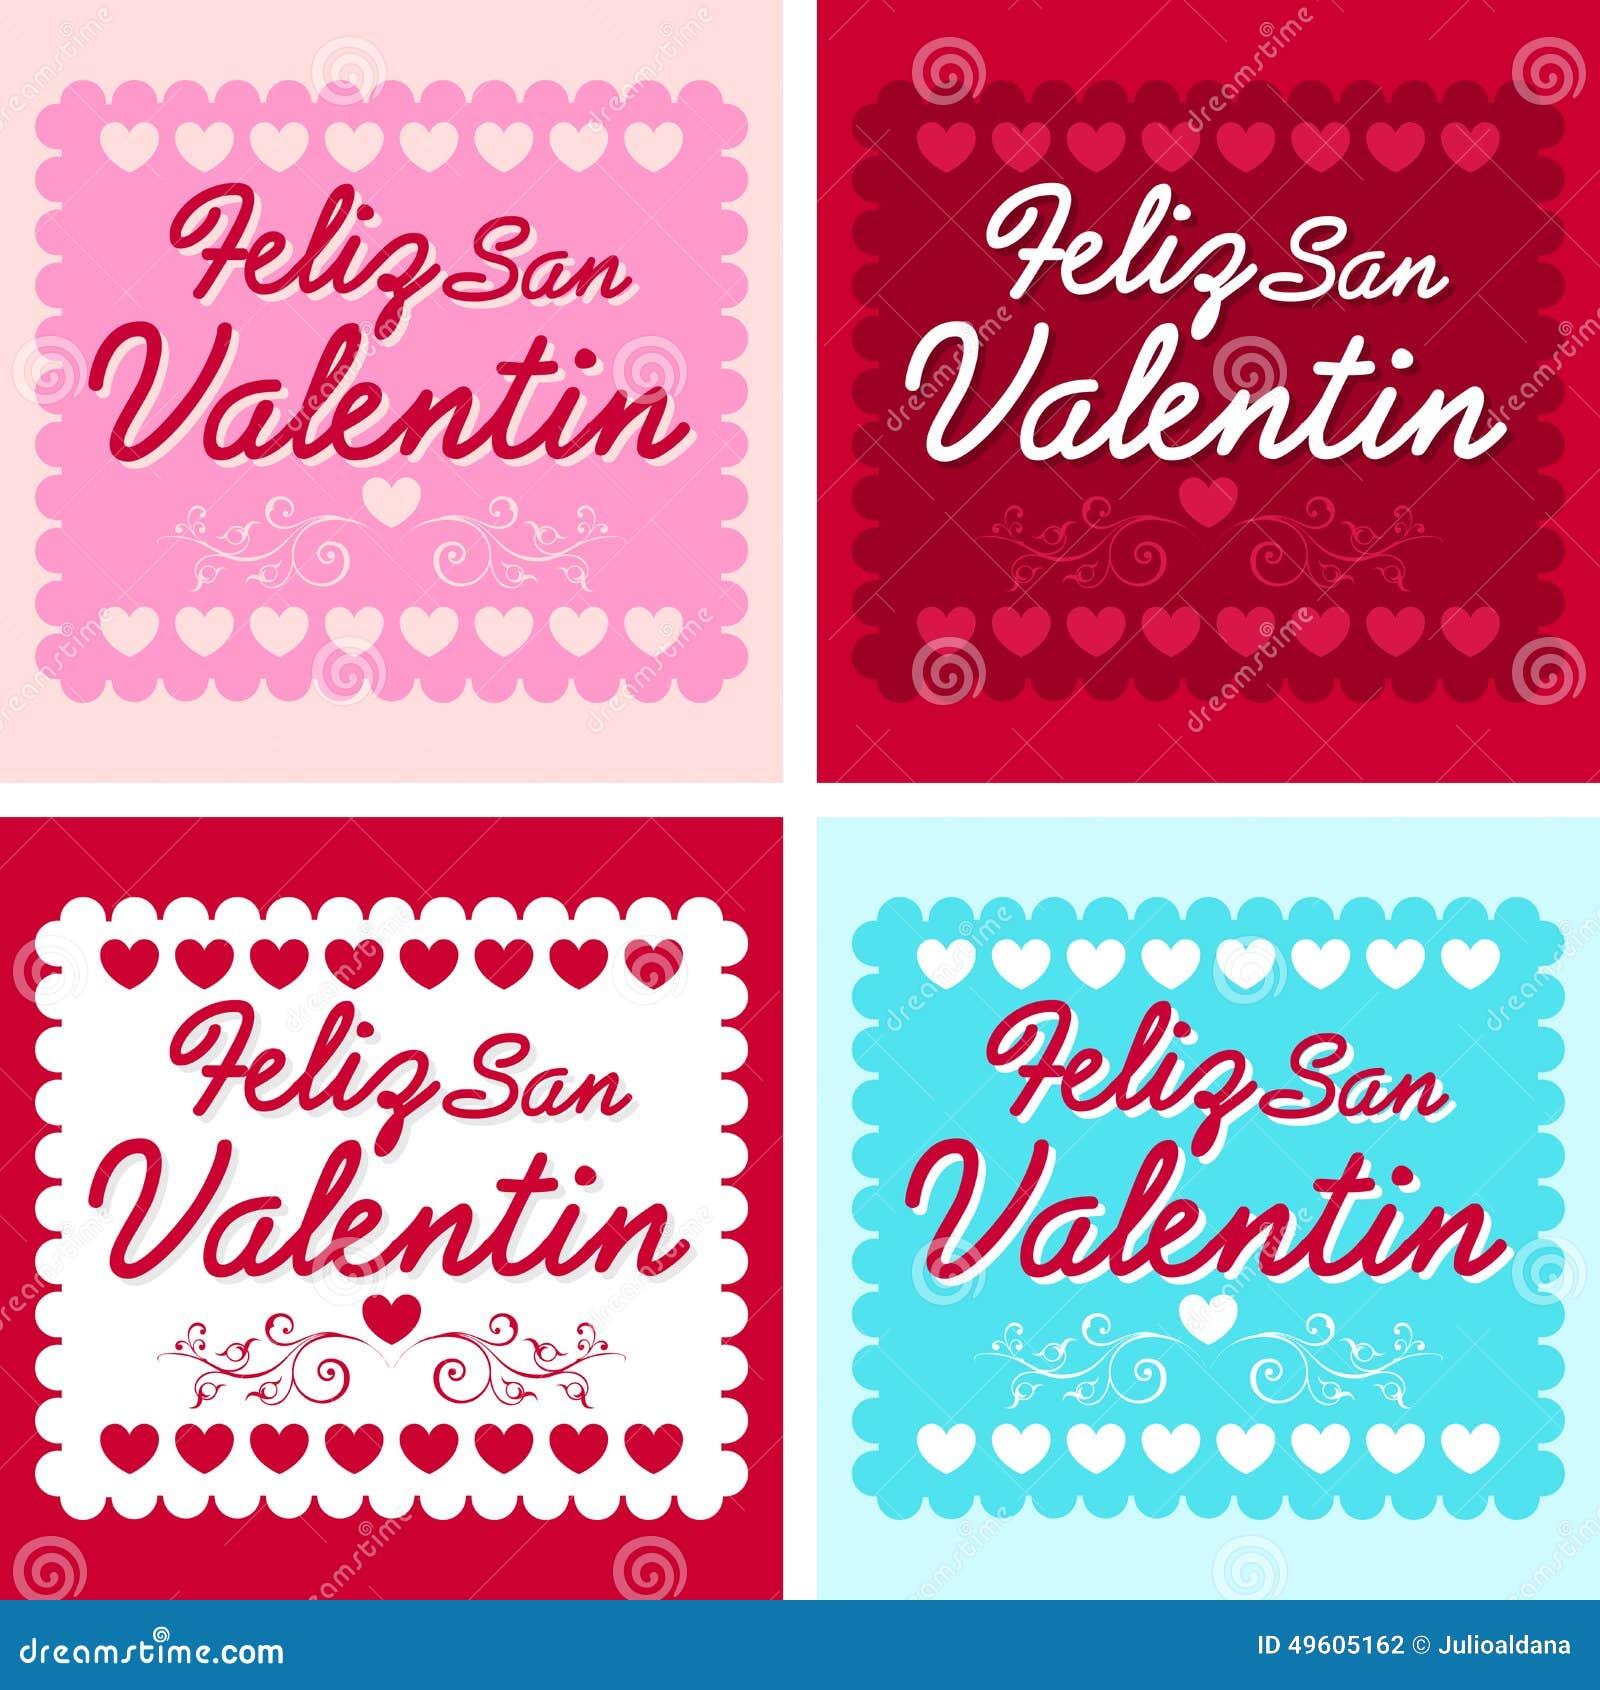 Feliz San Valentin Happy Valentines Day In Spanish Stock Vector